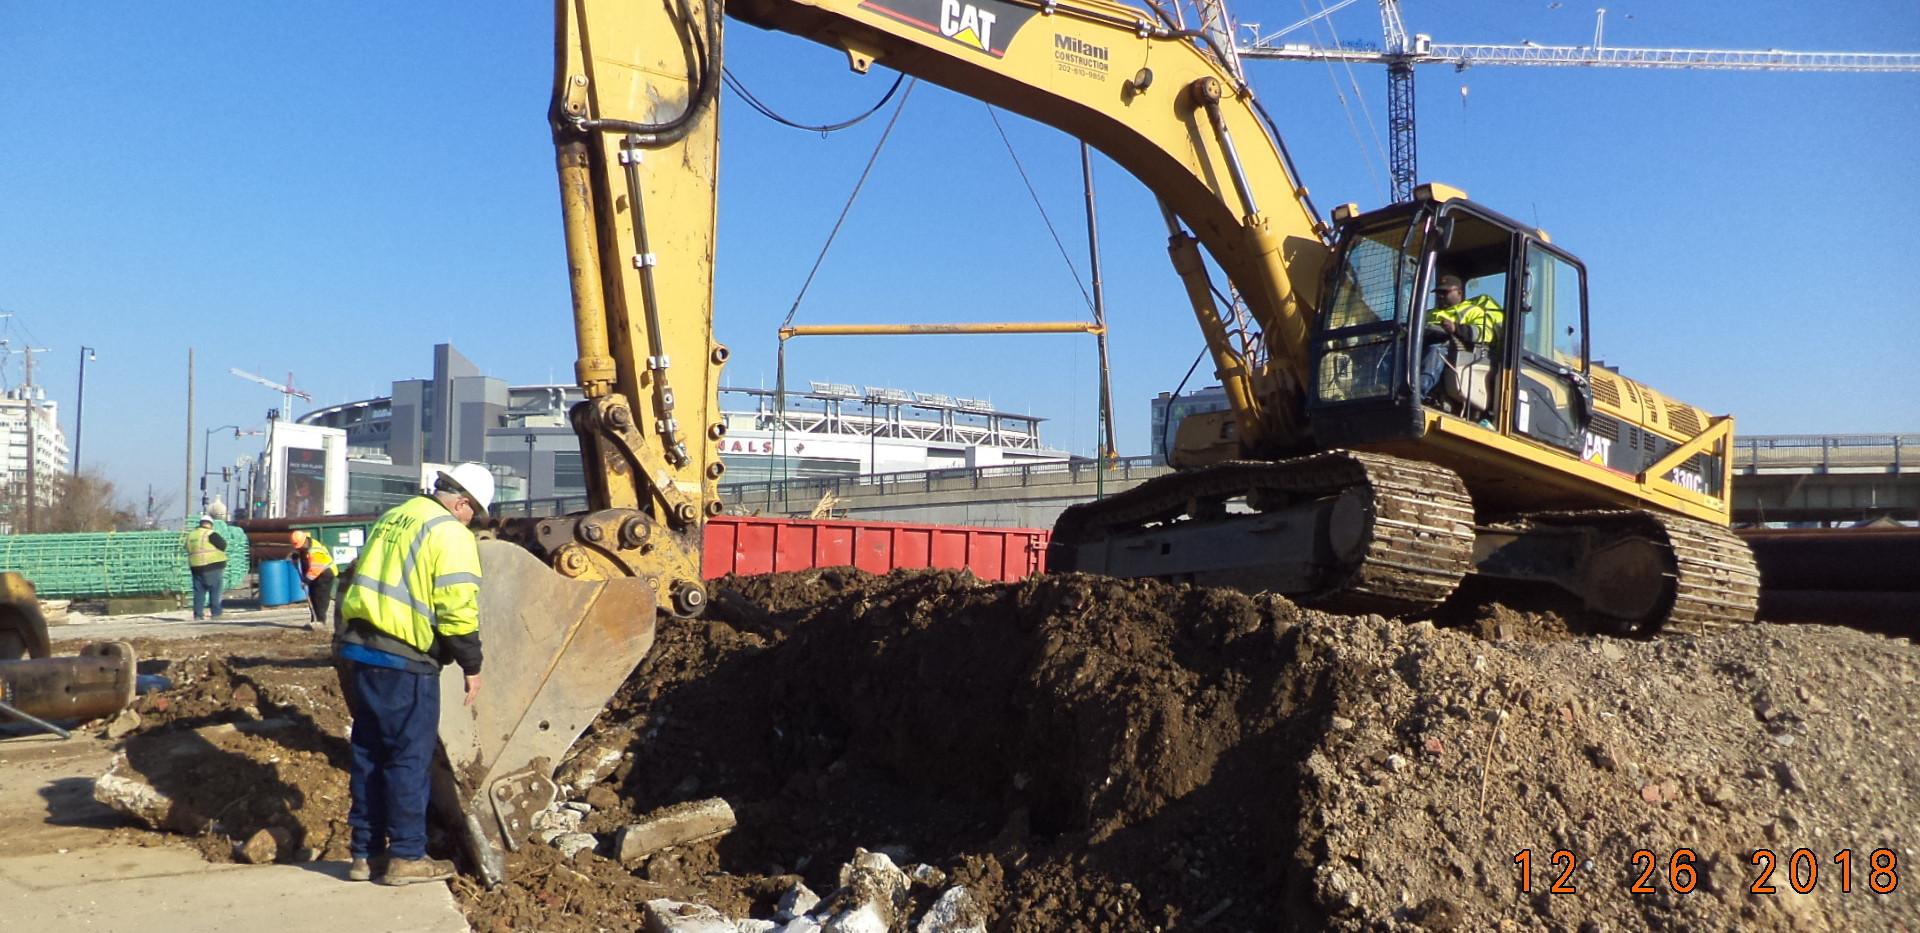 Building 1620 demolition